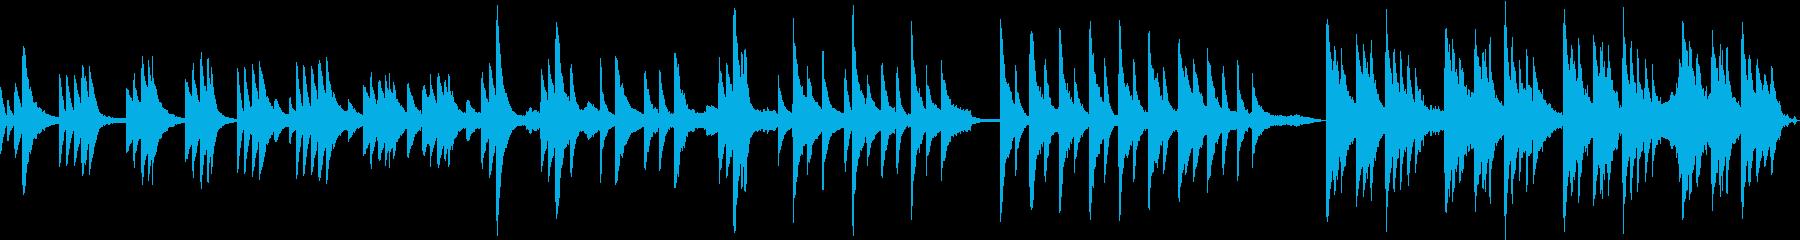 ピアノの旋律をメインにしたバラードの再生済みの波形